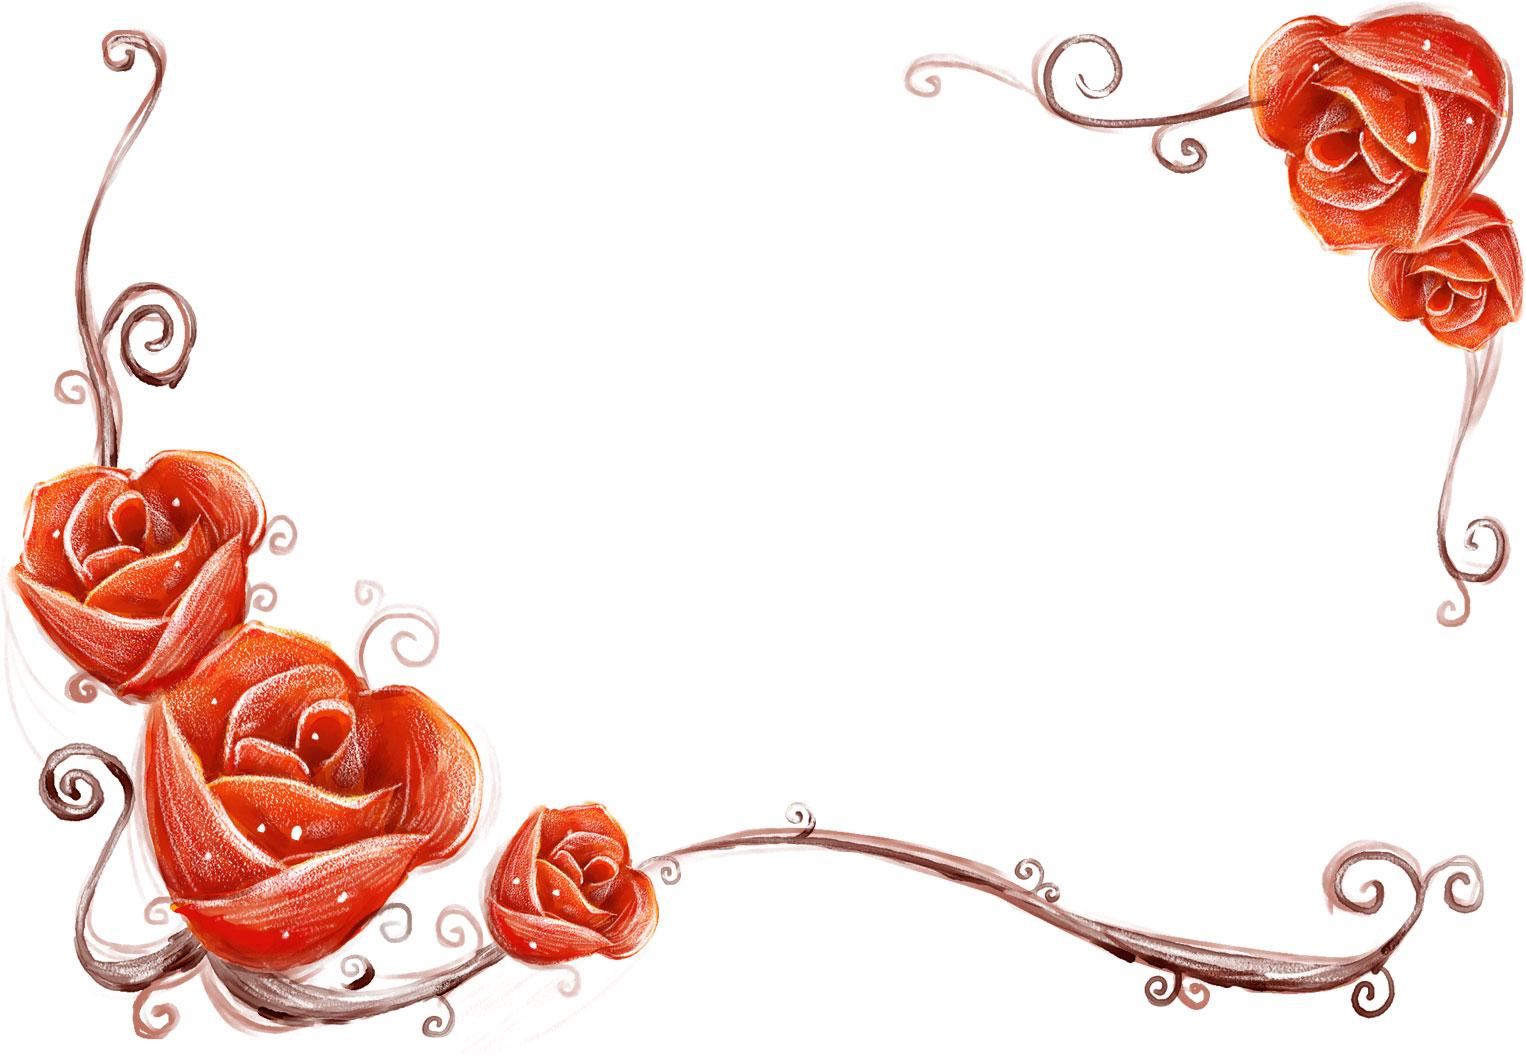 花のイラスト・フリー素材/フレーム枠no.409『手書き風-背景なし』